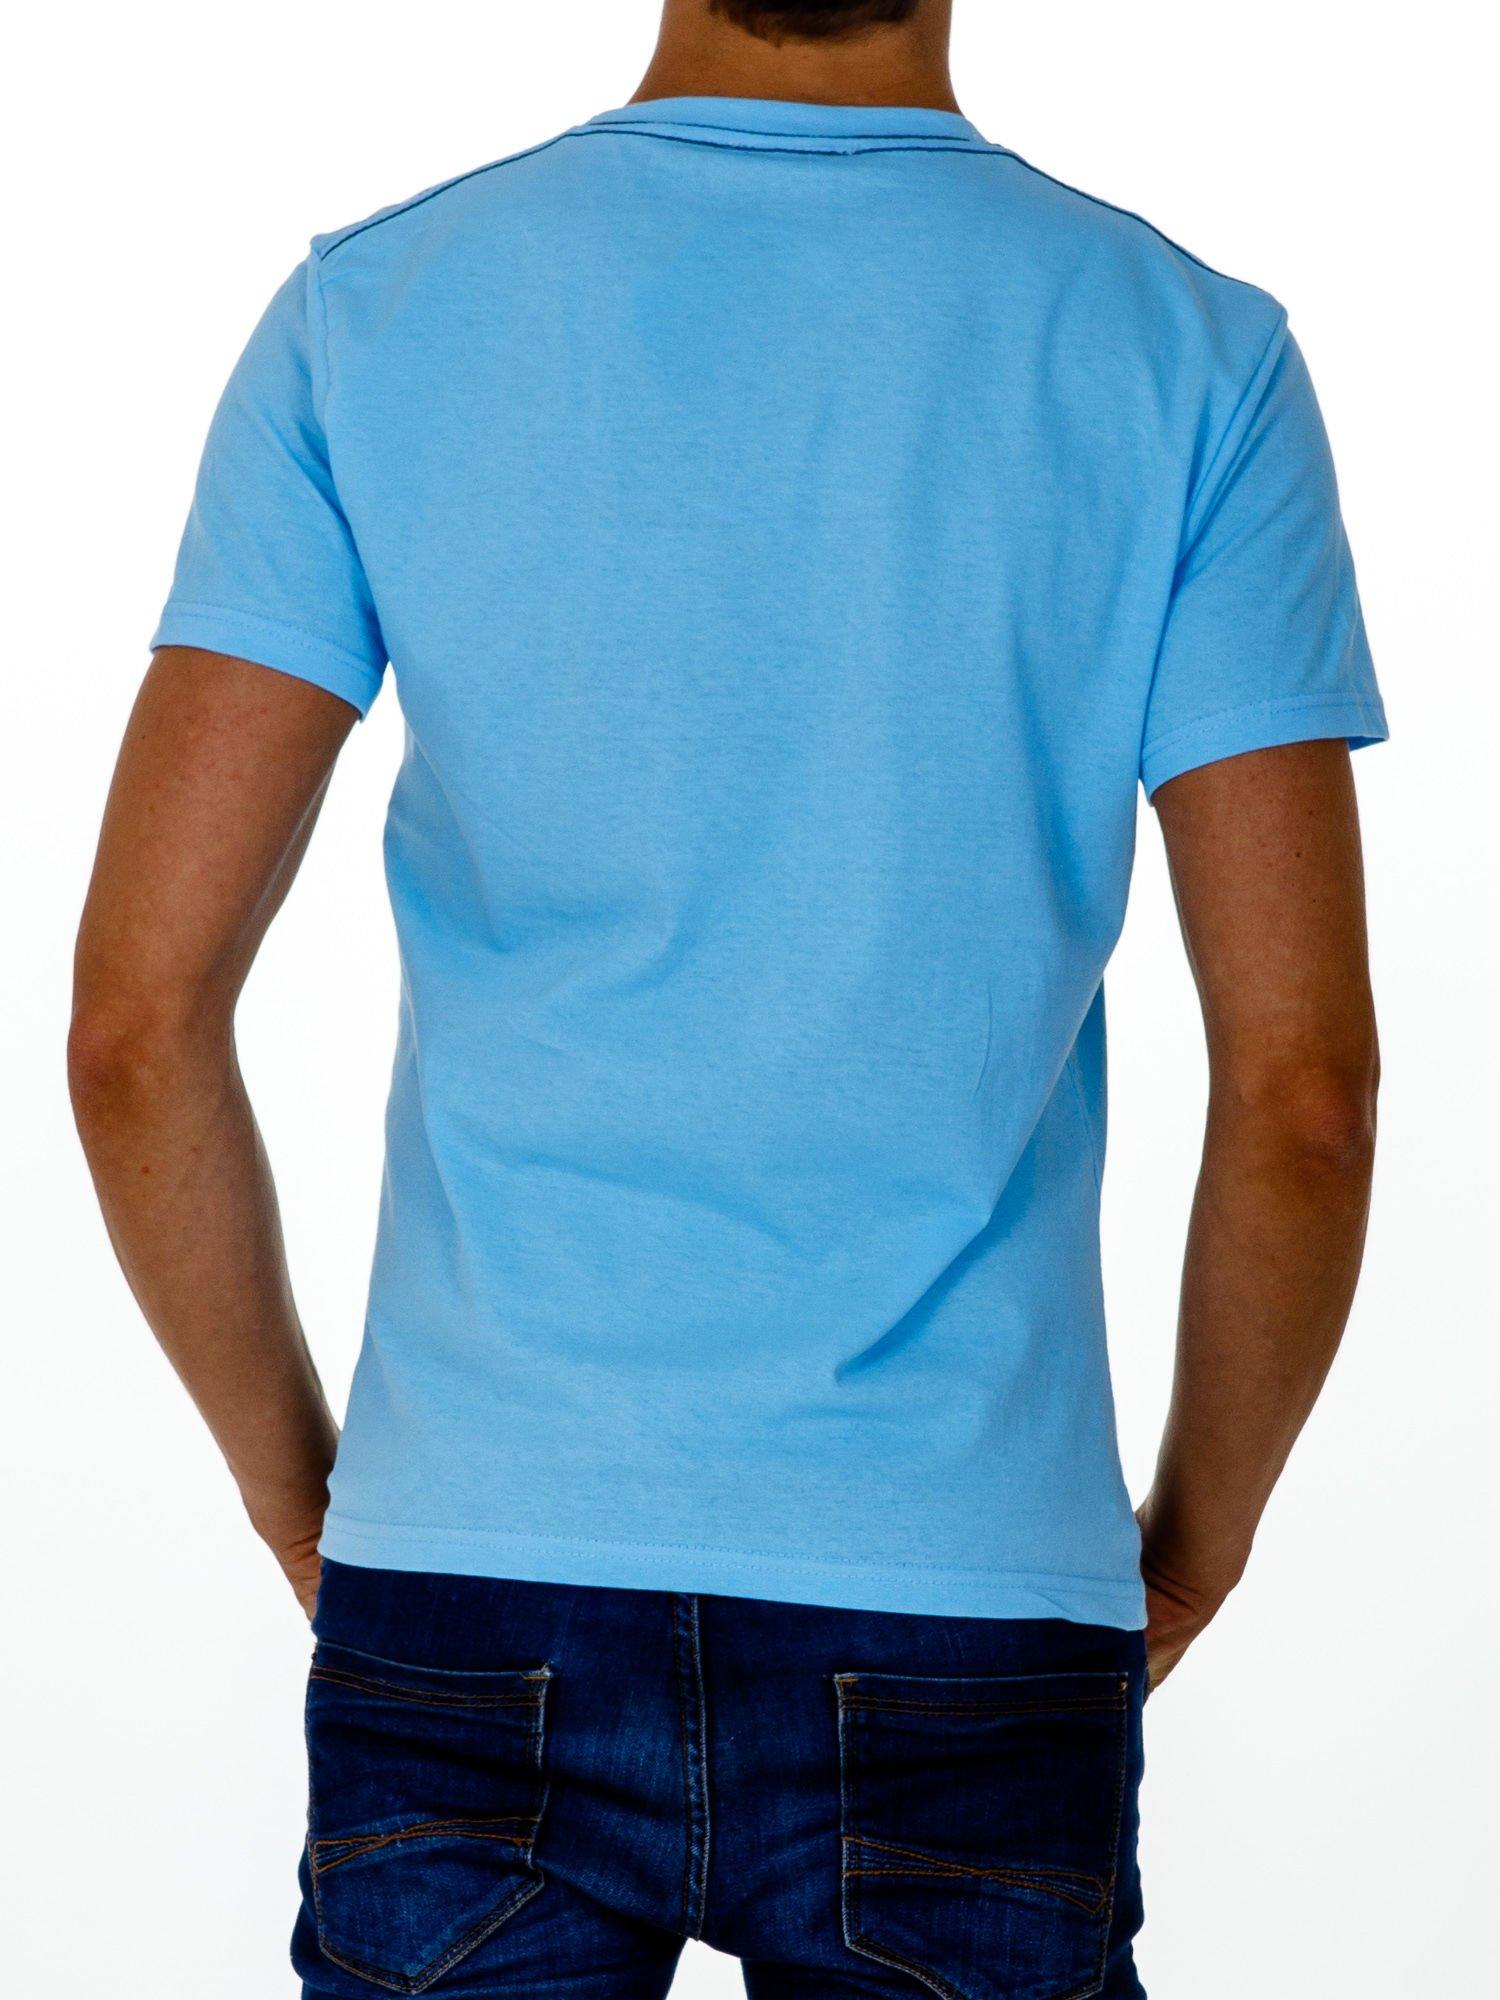 Jasnoniebieski t-shirt męski ze sportowym nadrukiem i napisem SUPERIOR                                  zdj.                                  2